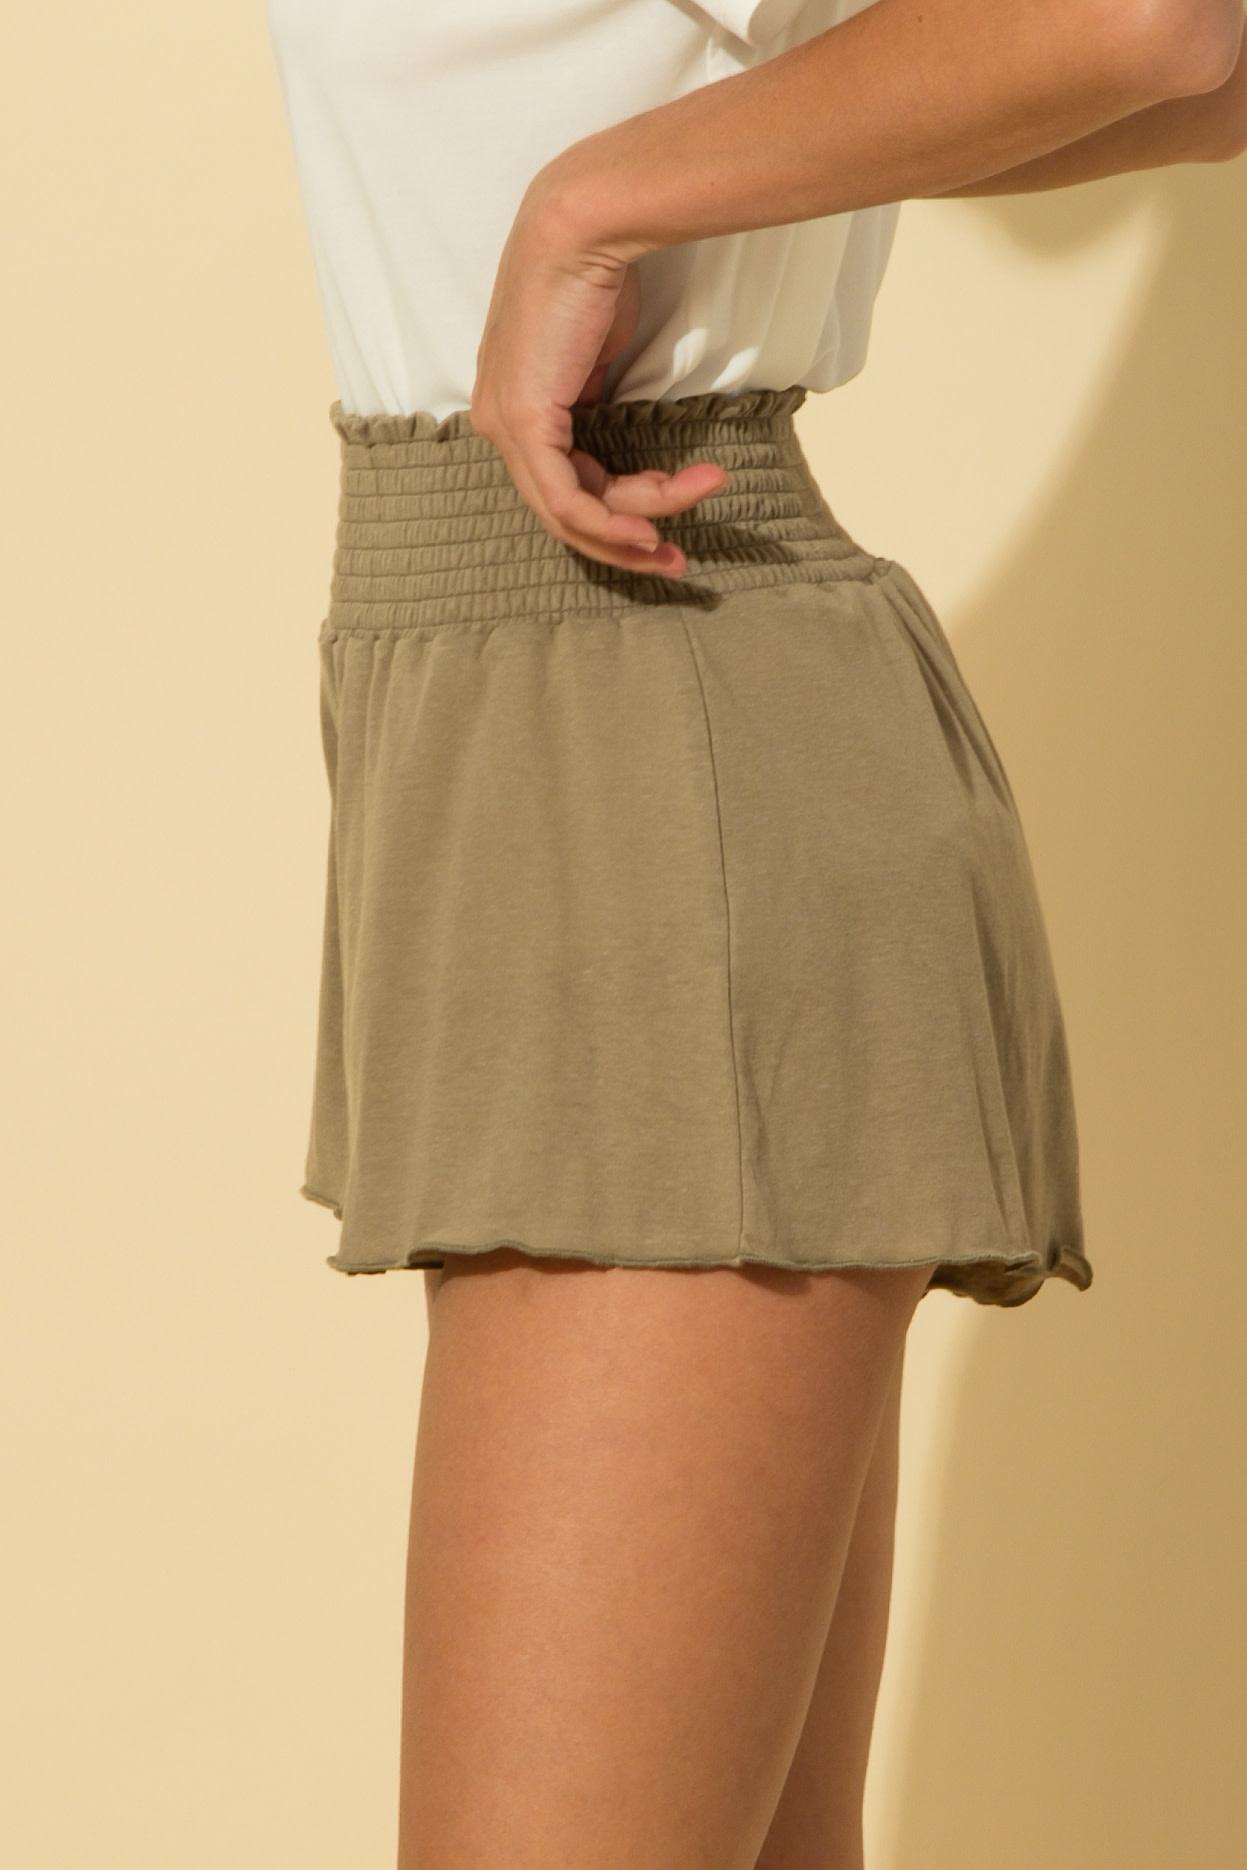 HYFVE Smocked Waist Shorts